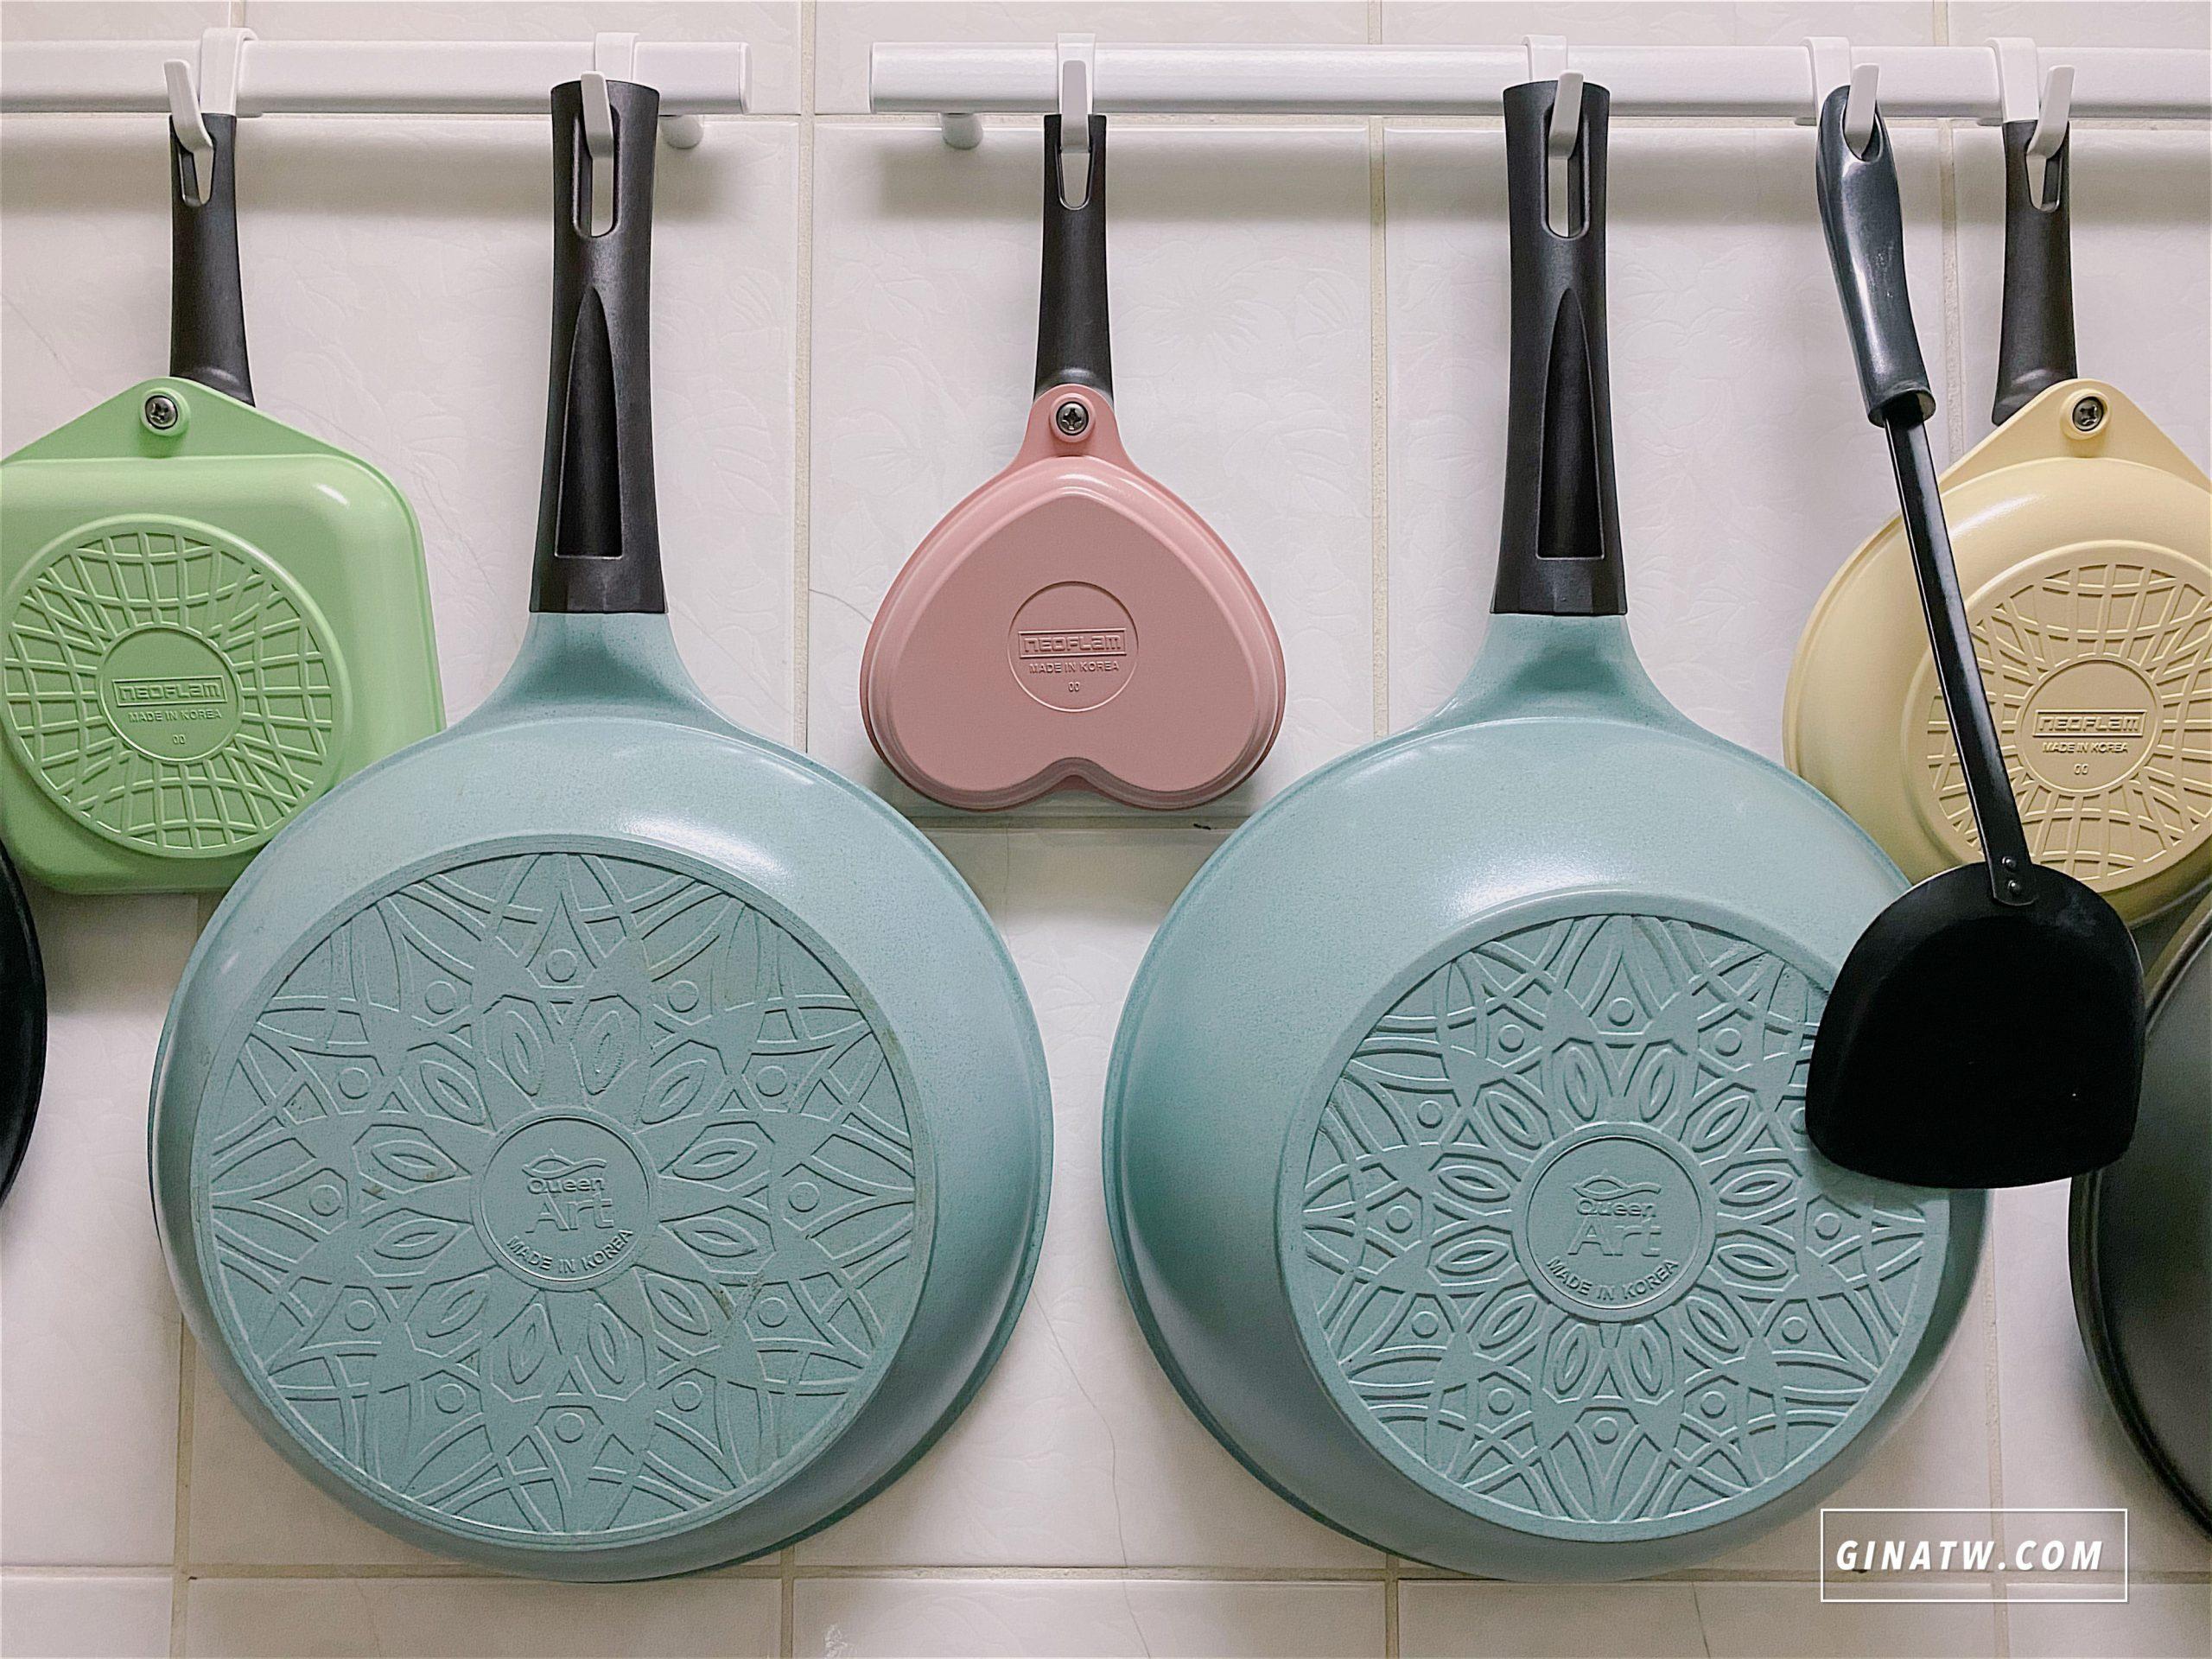 【韓國鍋具Queen Art團購】料理食譜分享|遠紅外線抗菌、輕量耐磨玉石陶瓷鍋|韓國原裝進口、Hi電磁爐也可以用! @GINA環球旅行生活|不會韓文也可以去韓國 🇹🇼